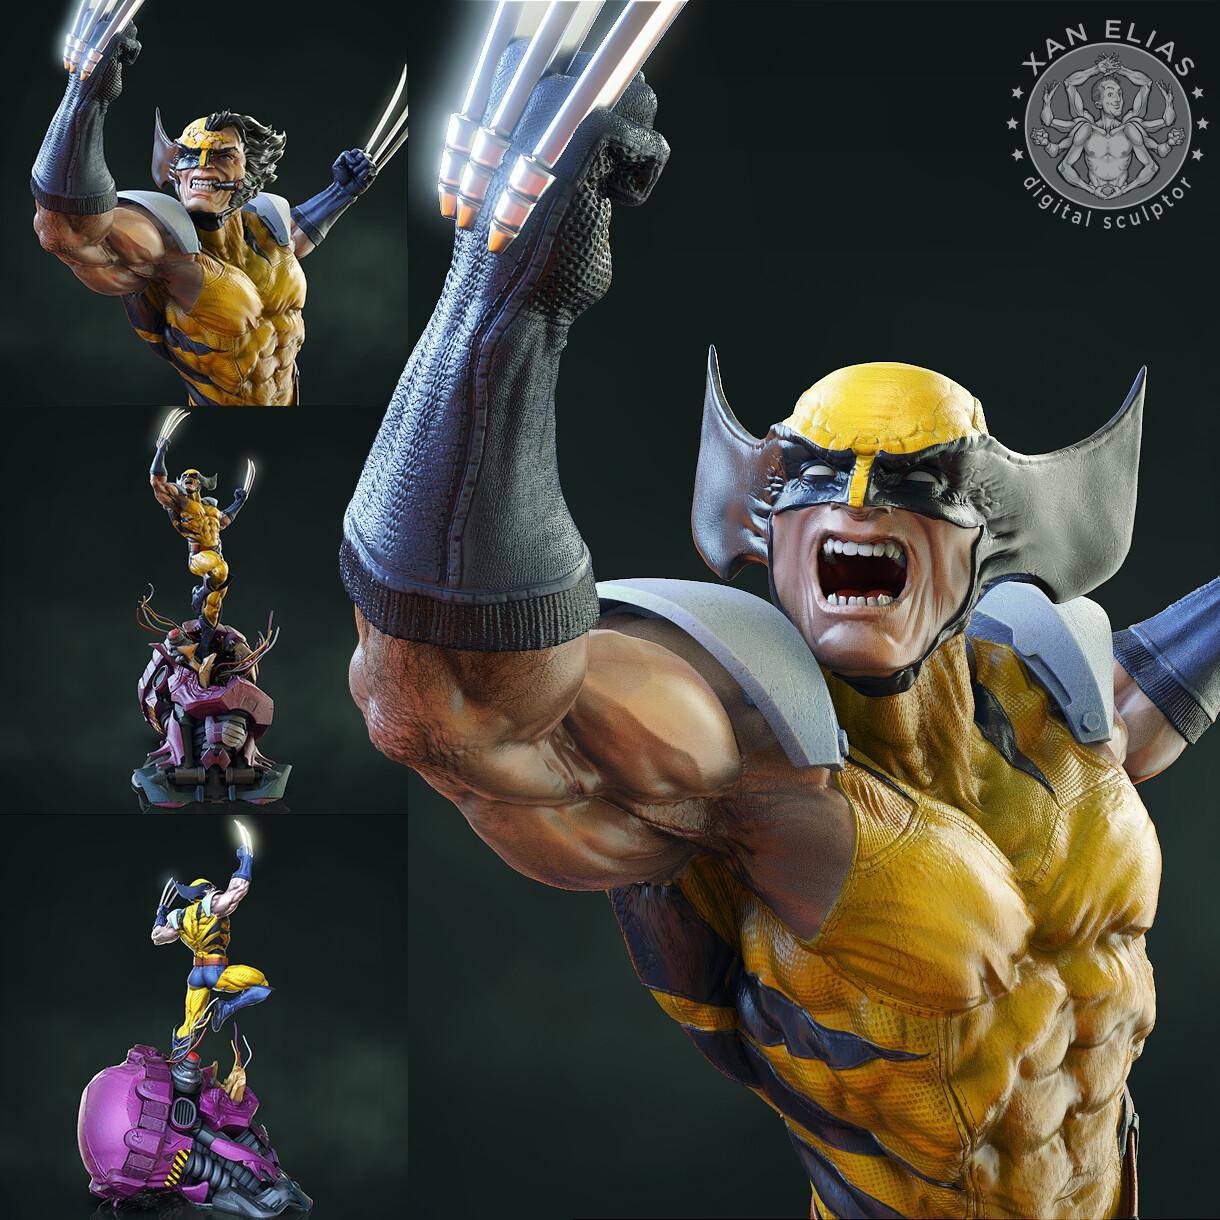 XMen Wolverine 1:4 collectible statue